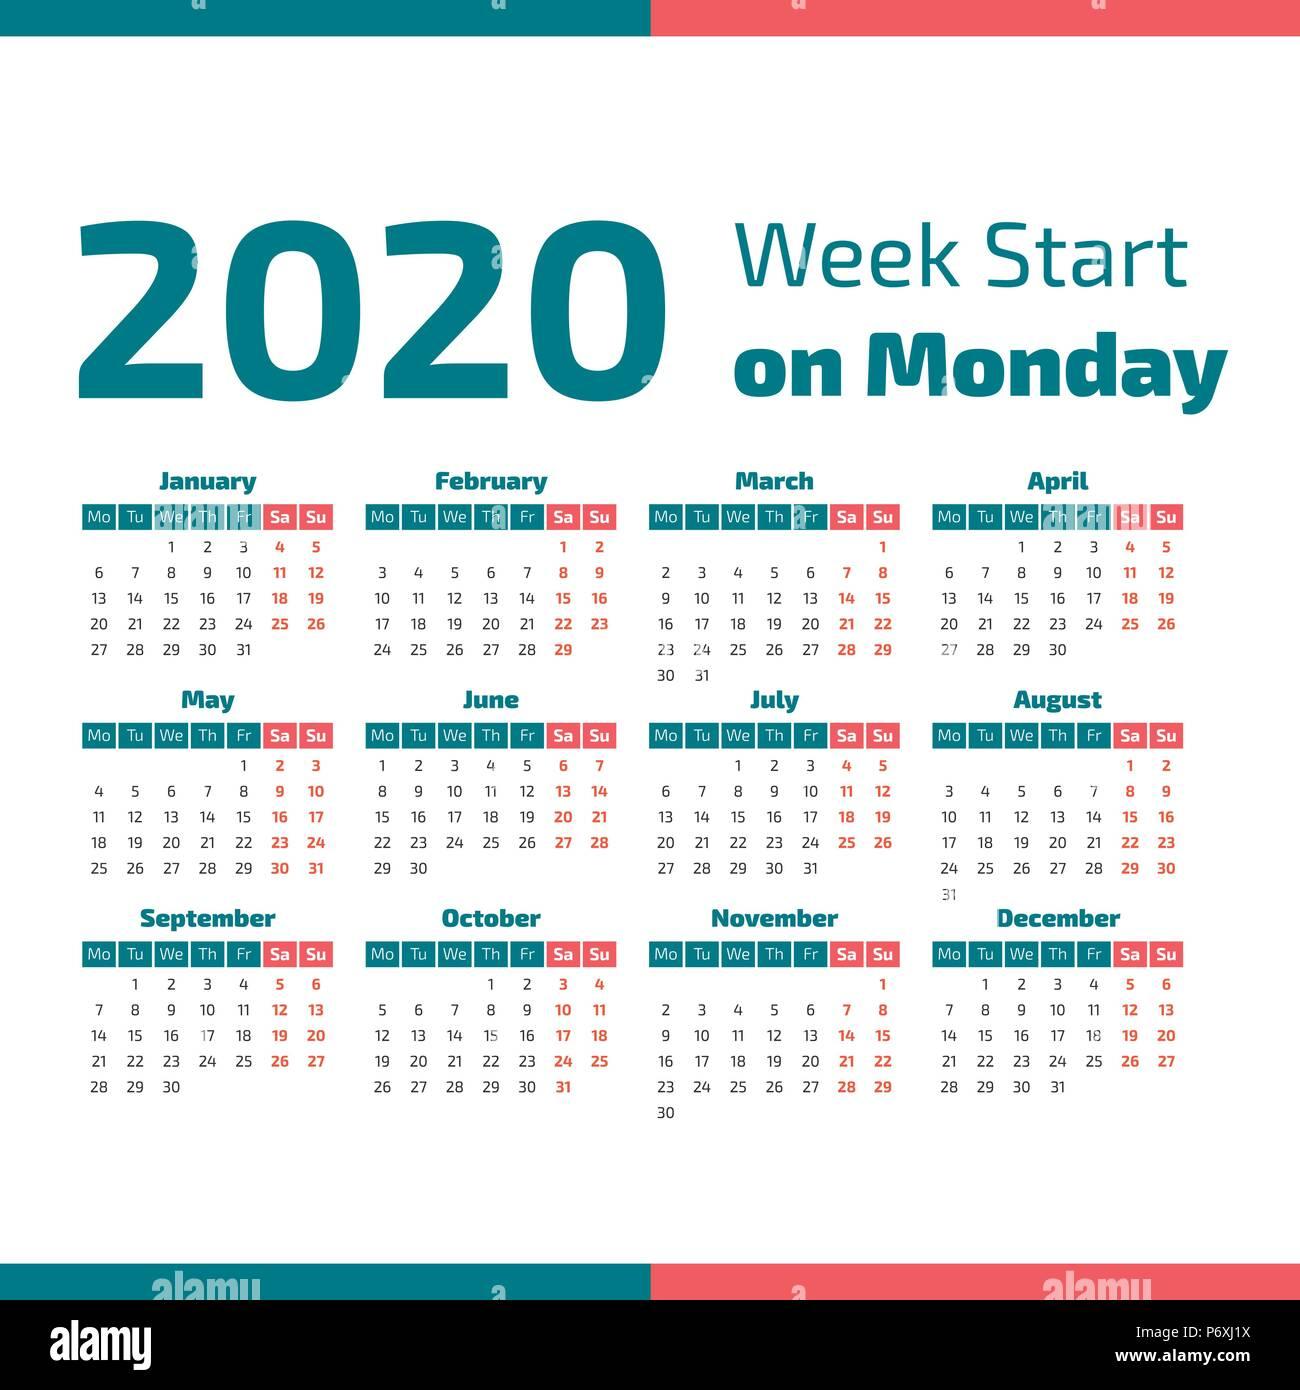 Calendario Por Semanas 2020.Simple Calendario Del Ano 2020 La Semana Comienza En Lunes